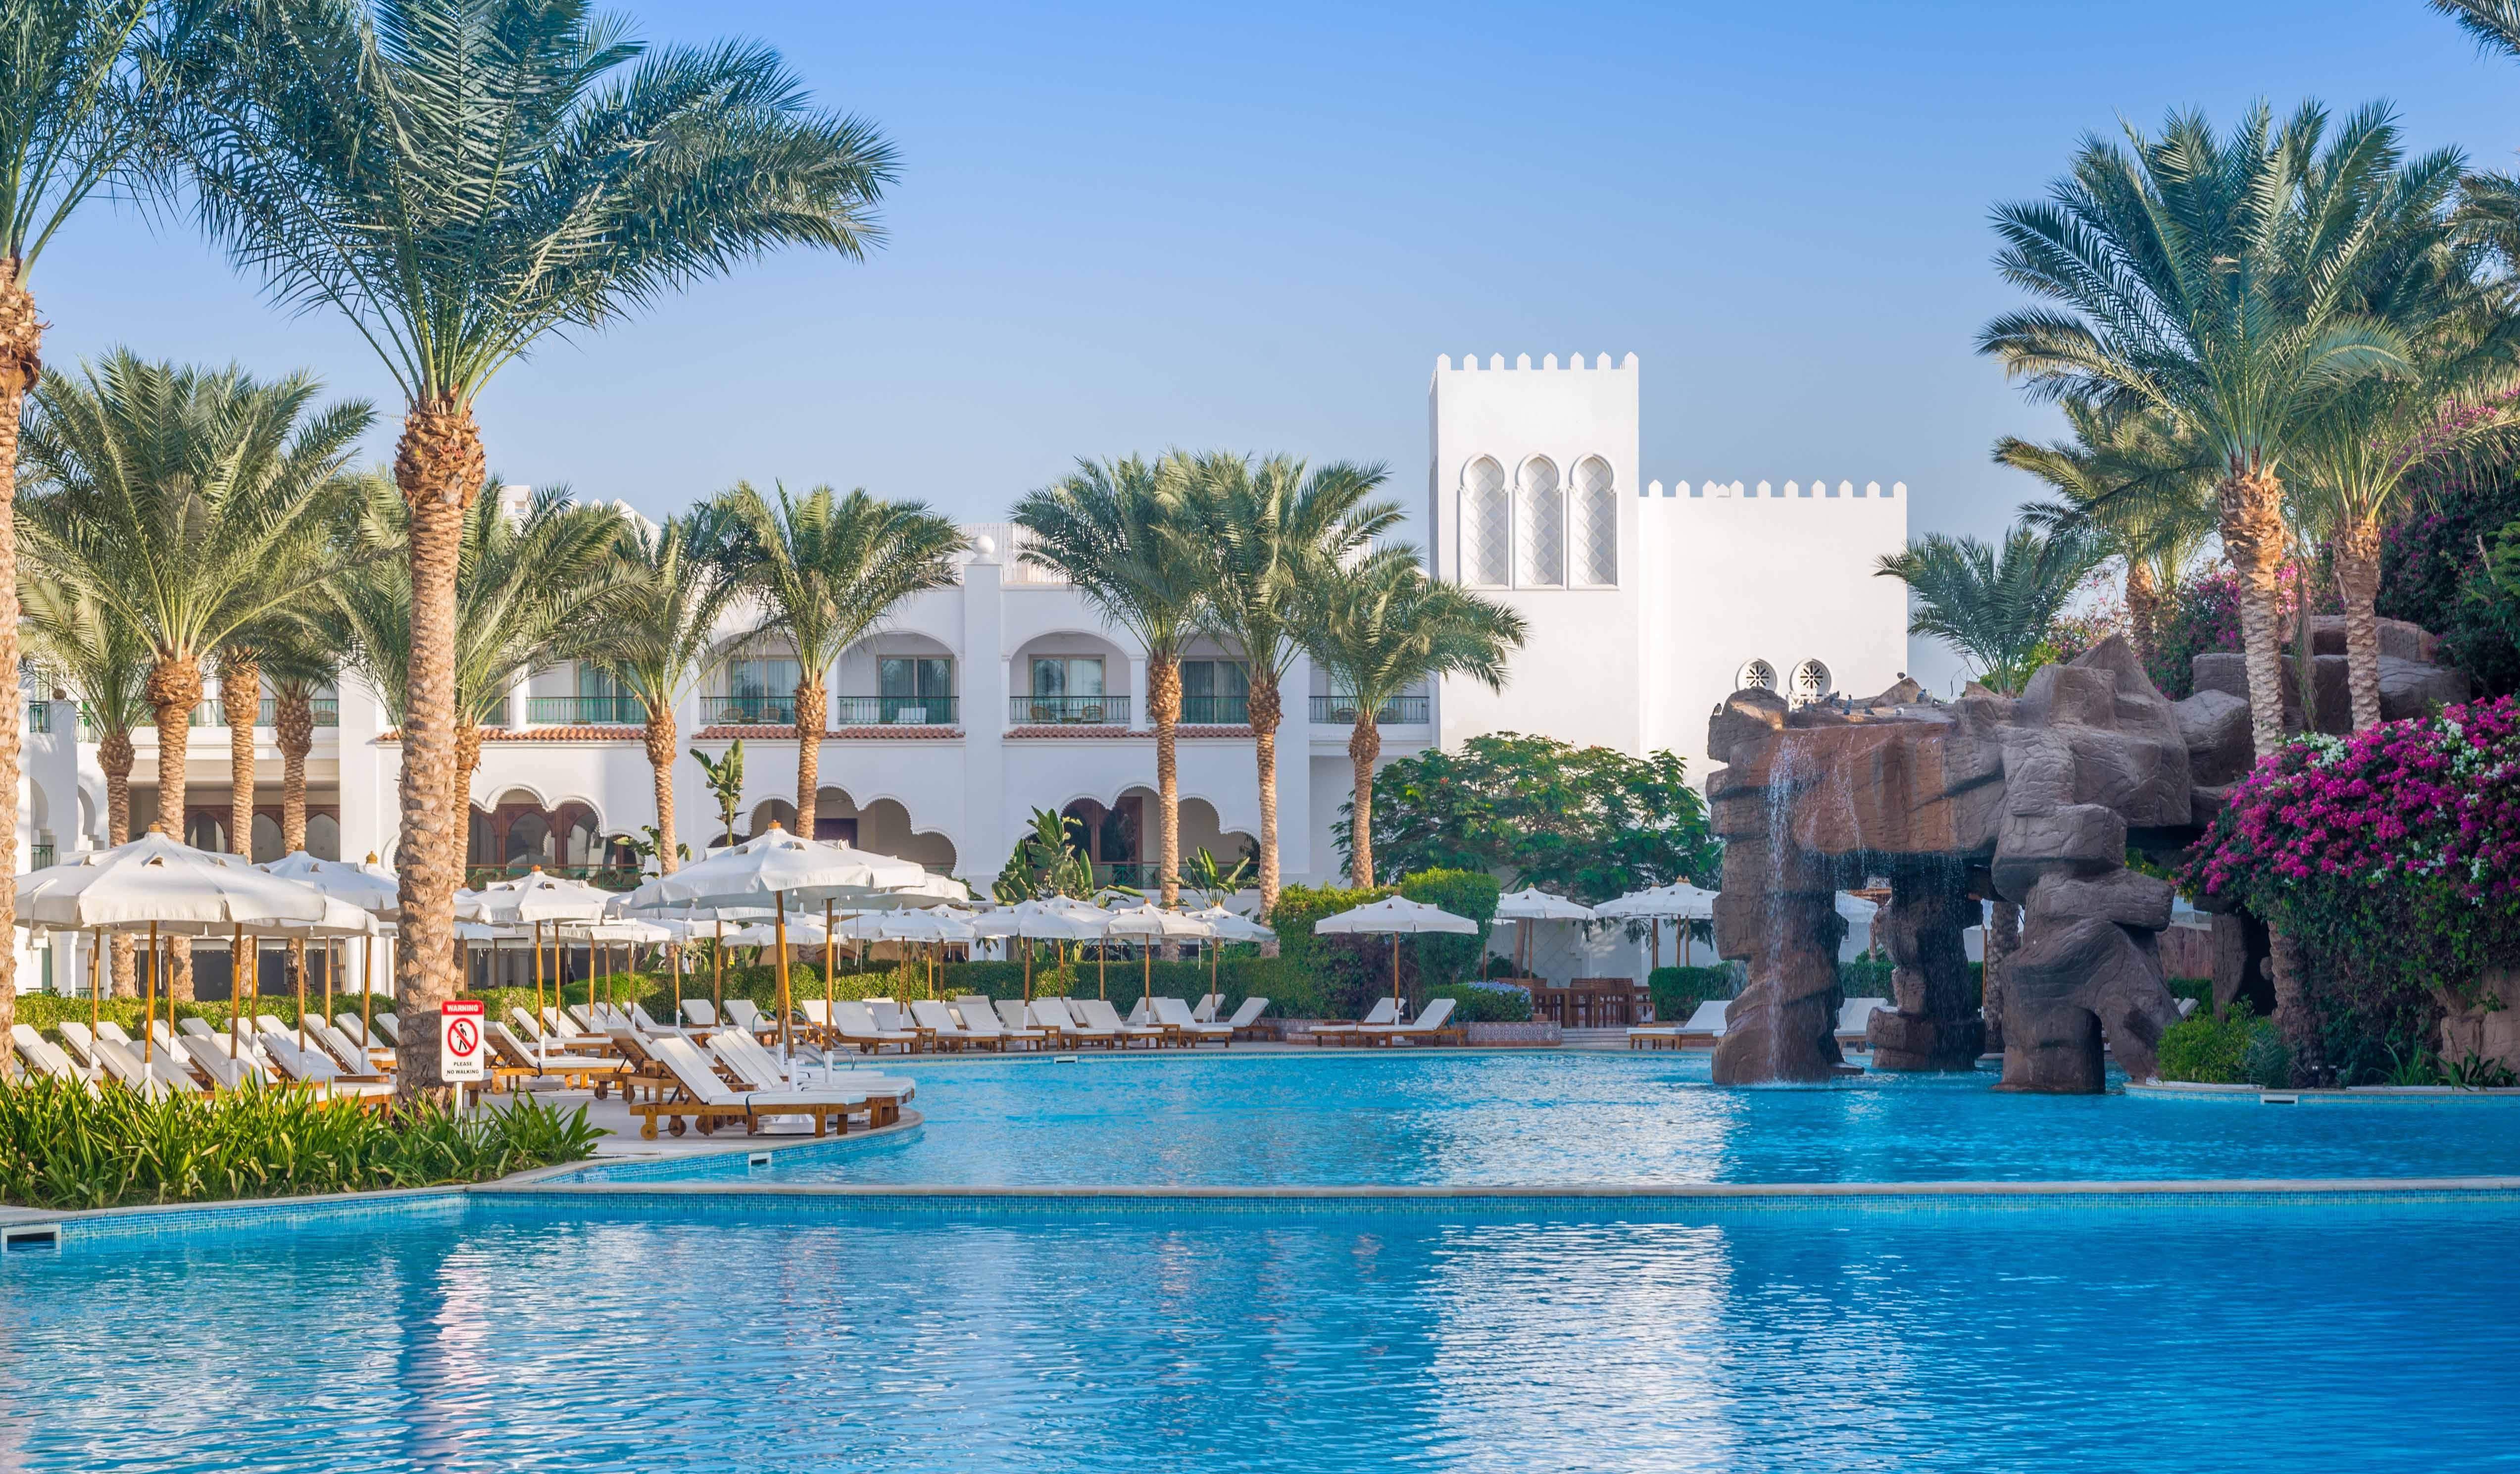 Египет, Шарм-эль-Шейх   47 000 р. на 8 дней с 13 августа 2015  Отель: Baron Palms 5*  Подробнее: http://naekvatoremsk.ru/tours/egipet-sharm-el-sheyh-188